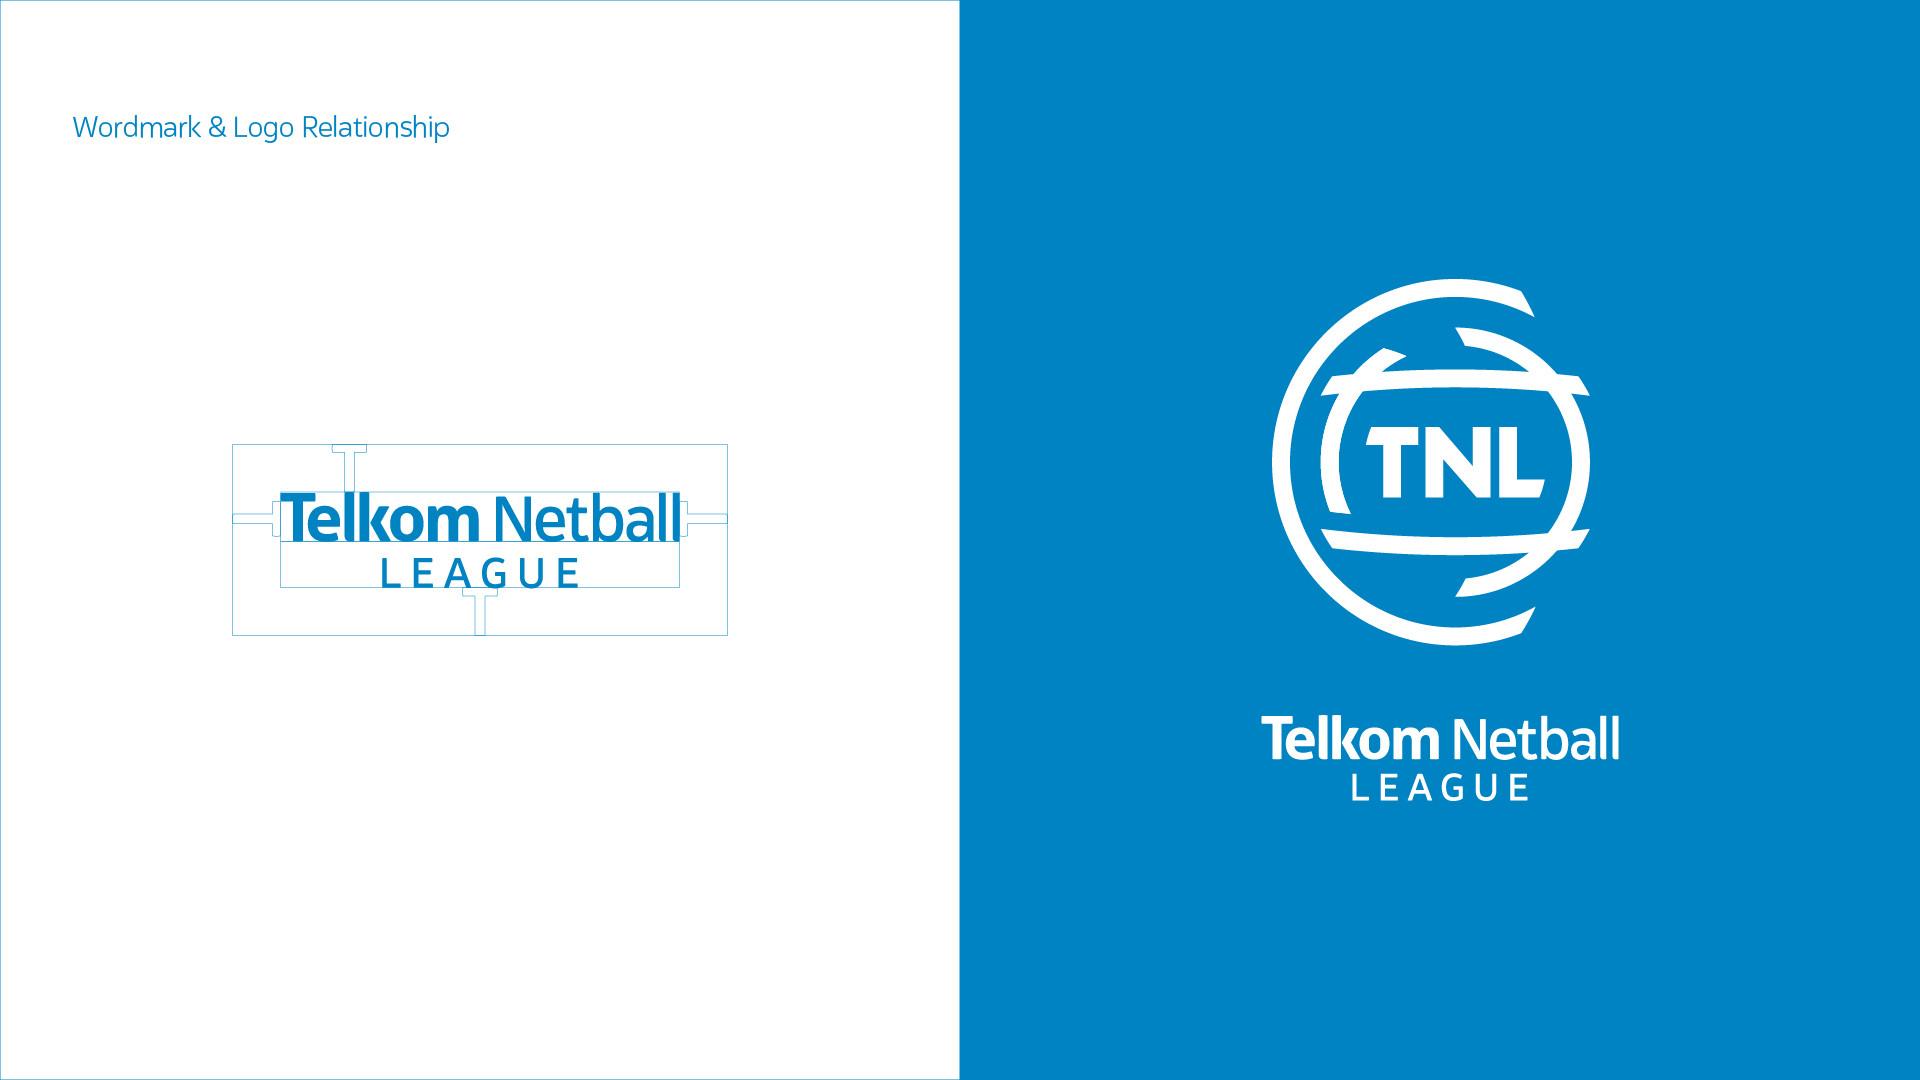 TNL-03.jpg